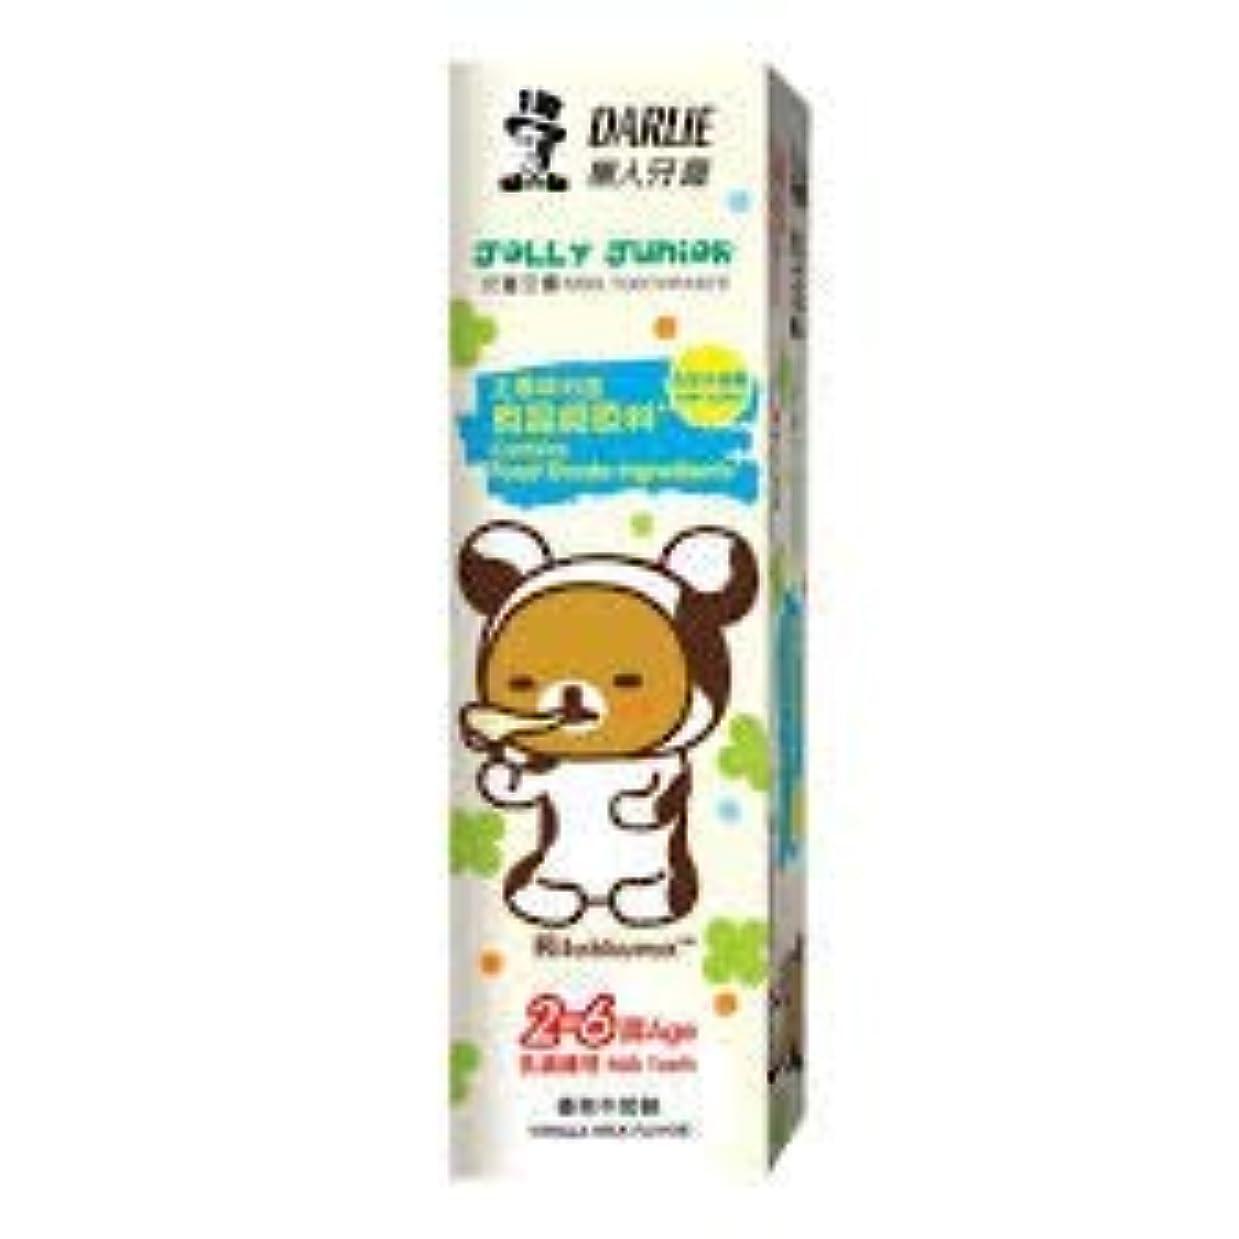 流体毒液和らげるDARLIE ハッピーティーンエイジャーの歯磨き粉2-6歳歯磨き粉60グラムバニラミルクは - 虫歯を防ぐためにキシリトールを含む、ミルクの歯と準備して子供たちに仕出し料理されます